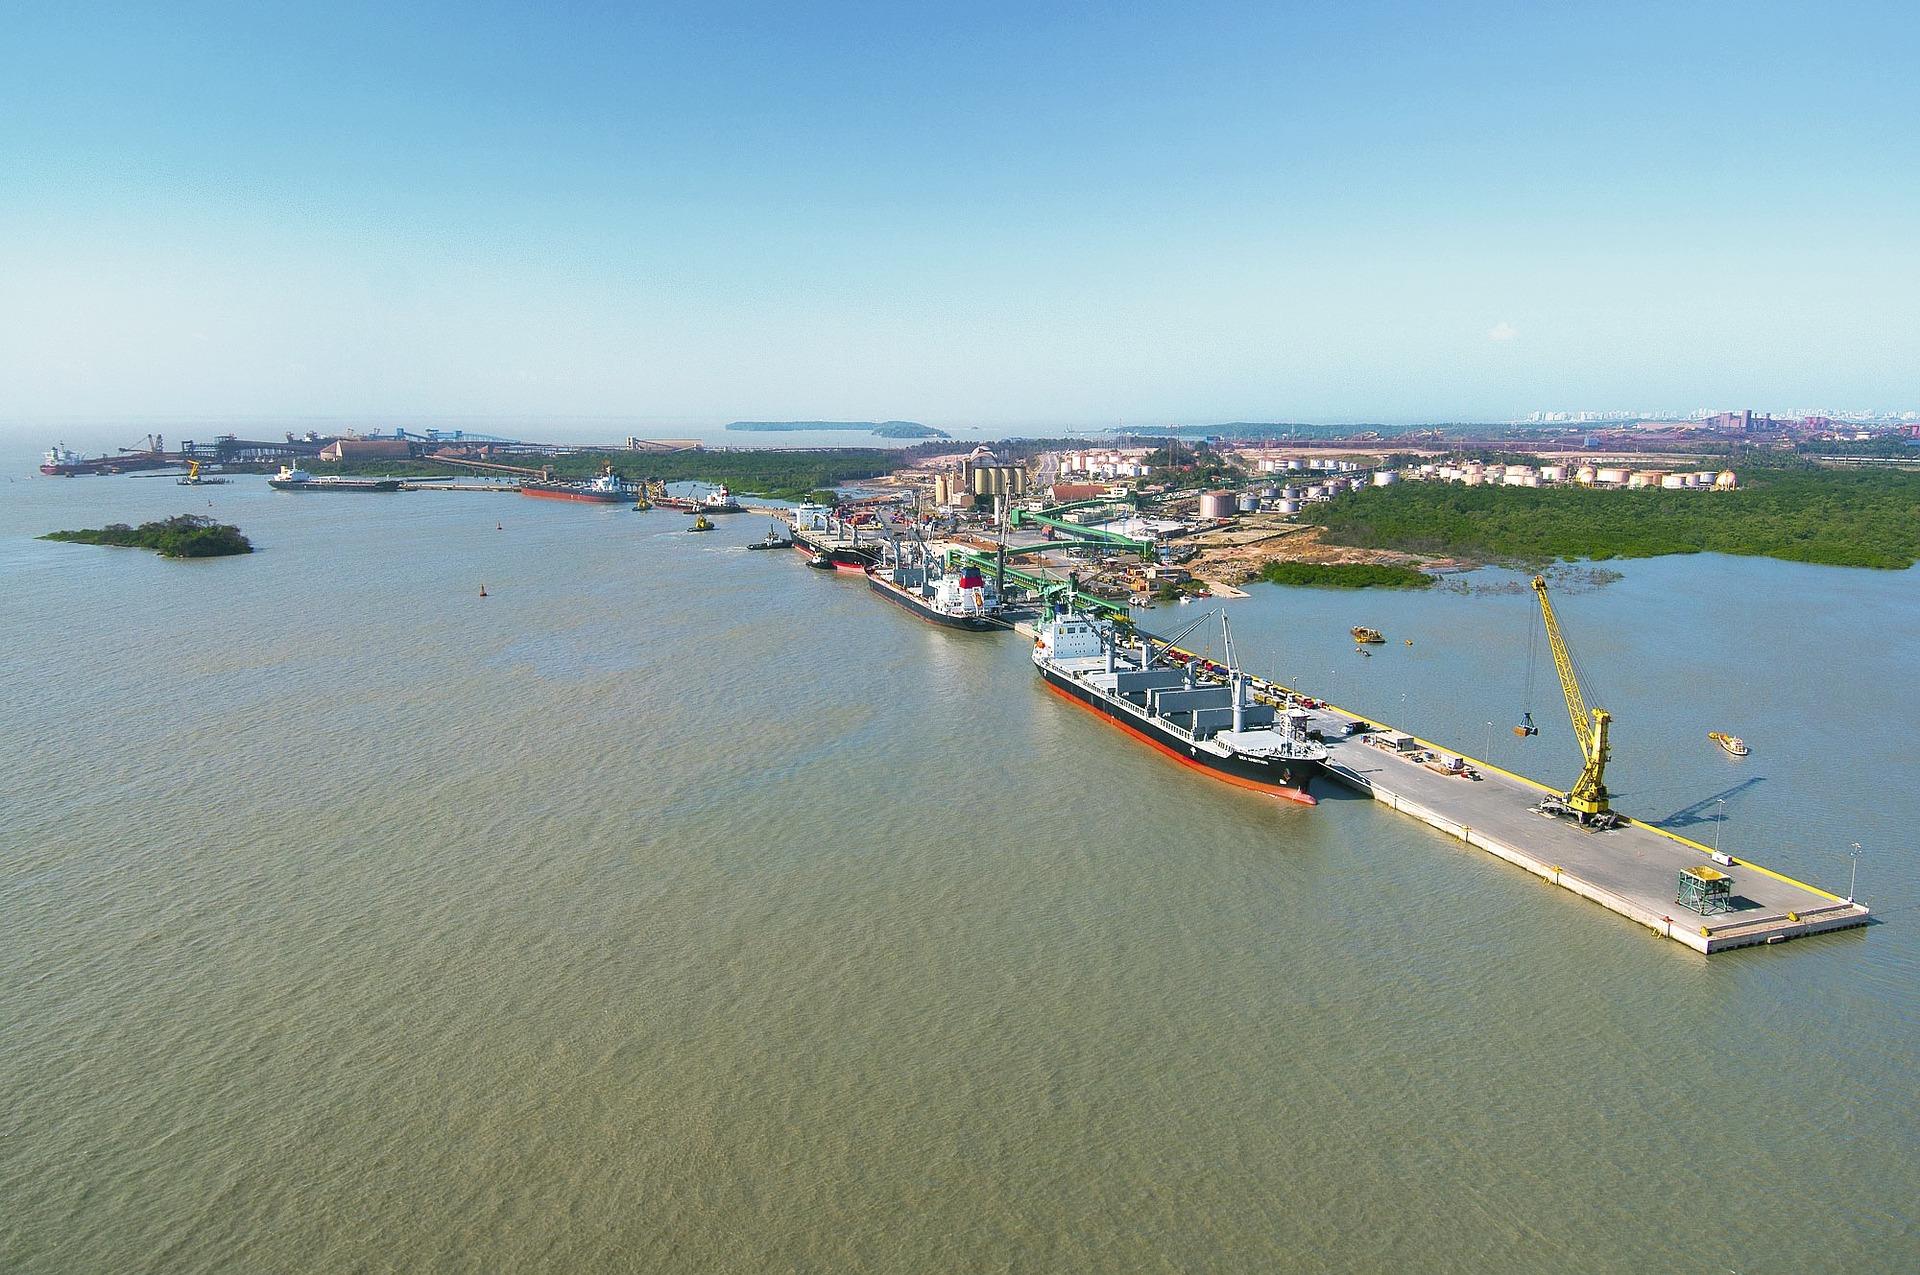 Porto Rico do Maranhão - Maranhão